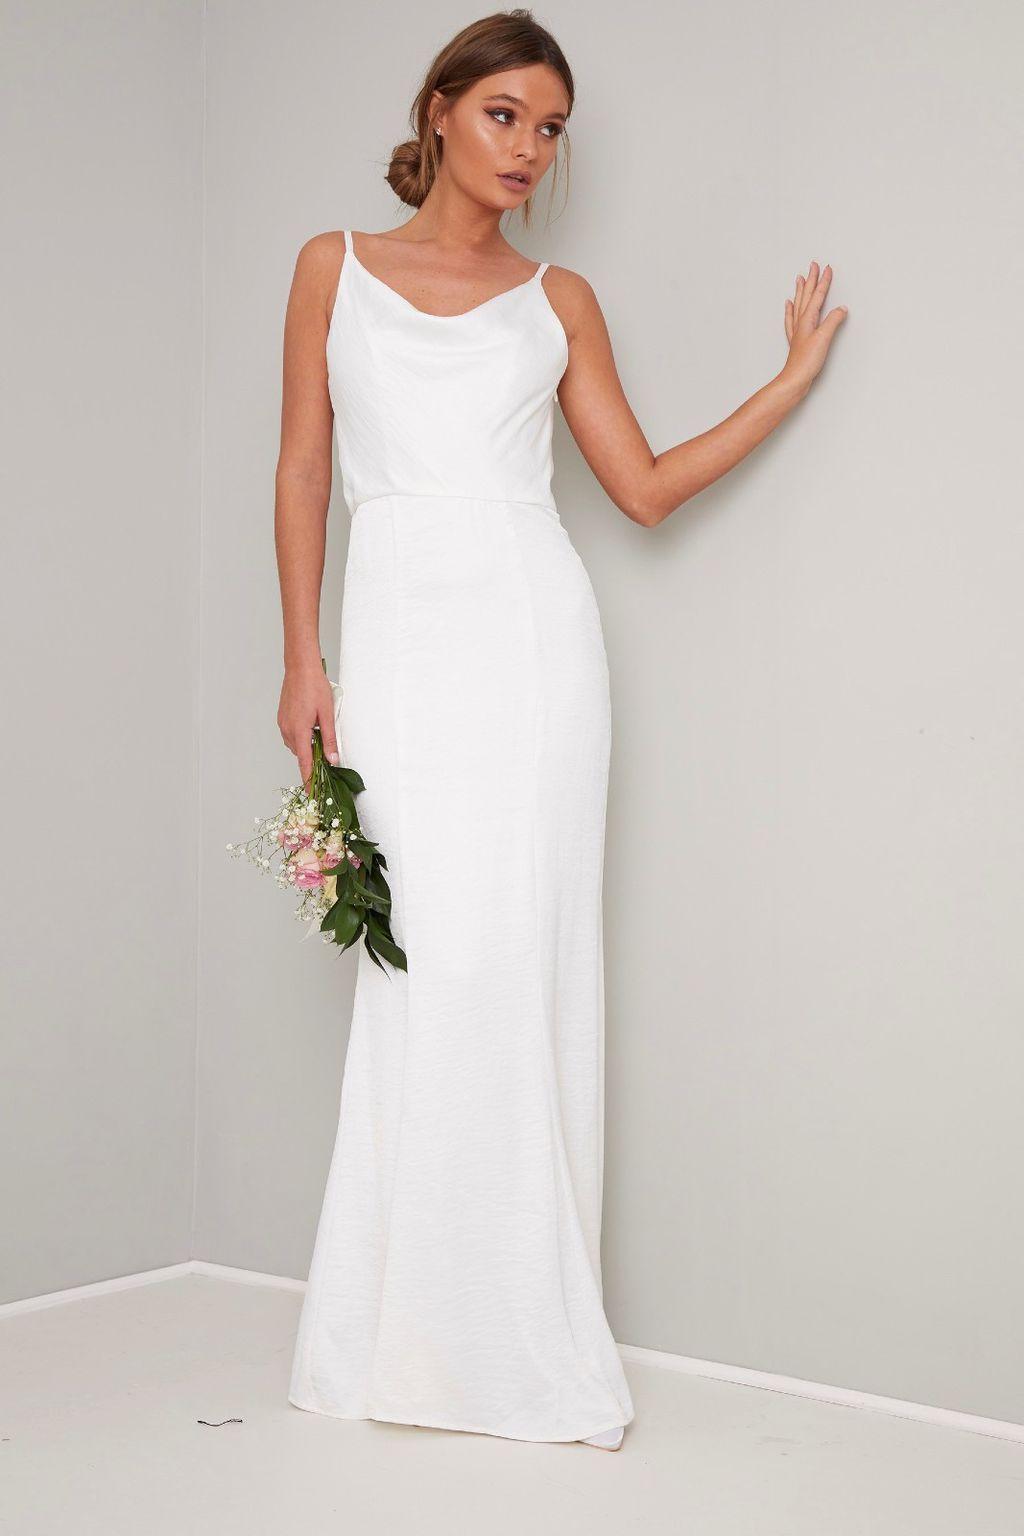 Haljine za netradicionalna vjenčanja - 6